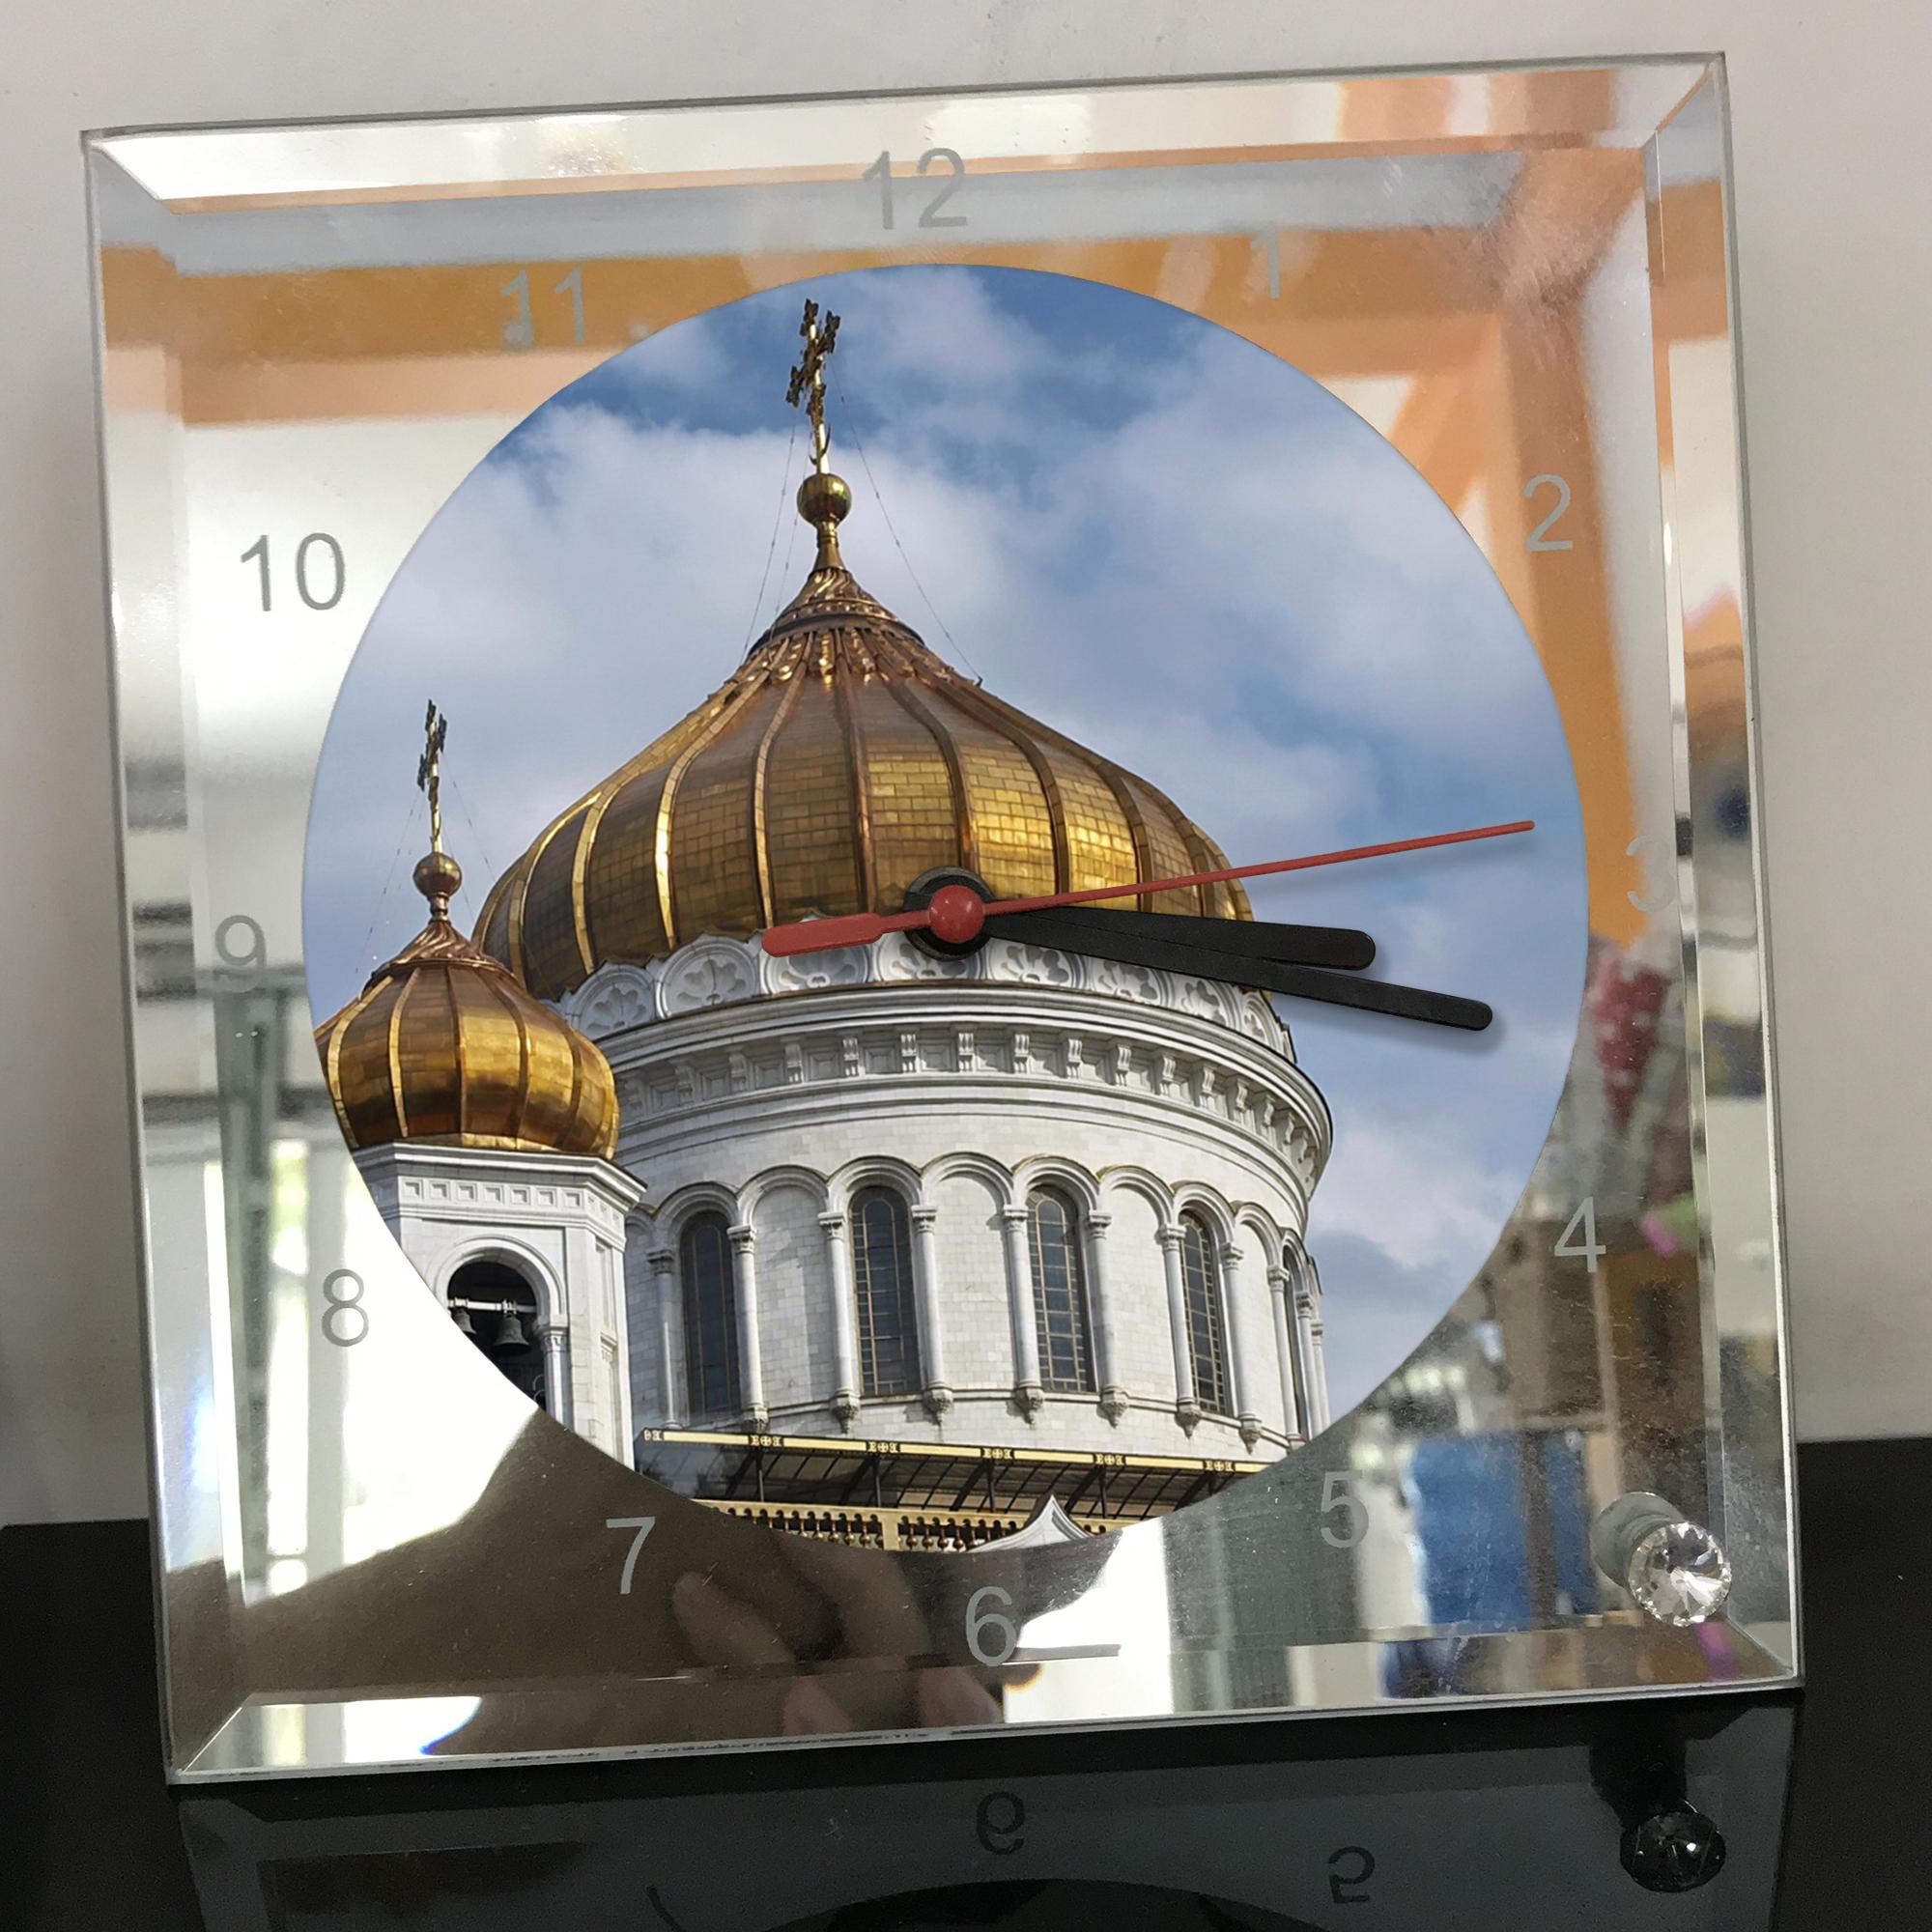 Đồng hồ thủy tinh vuông 20x20 in hình Cathedral Of Christ the saviour (17) . Đồng hồ thủy tinh để bàn trang trí đẹp chủ đề tôn giáo